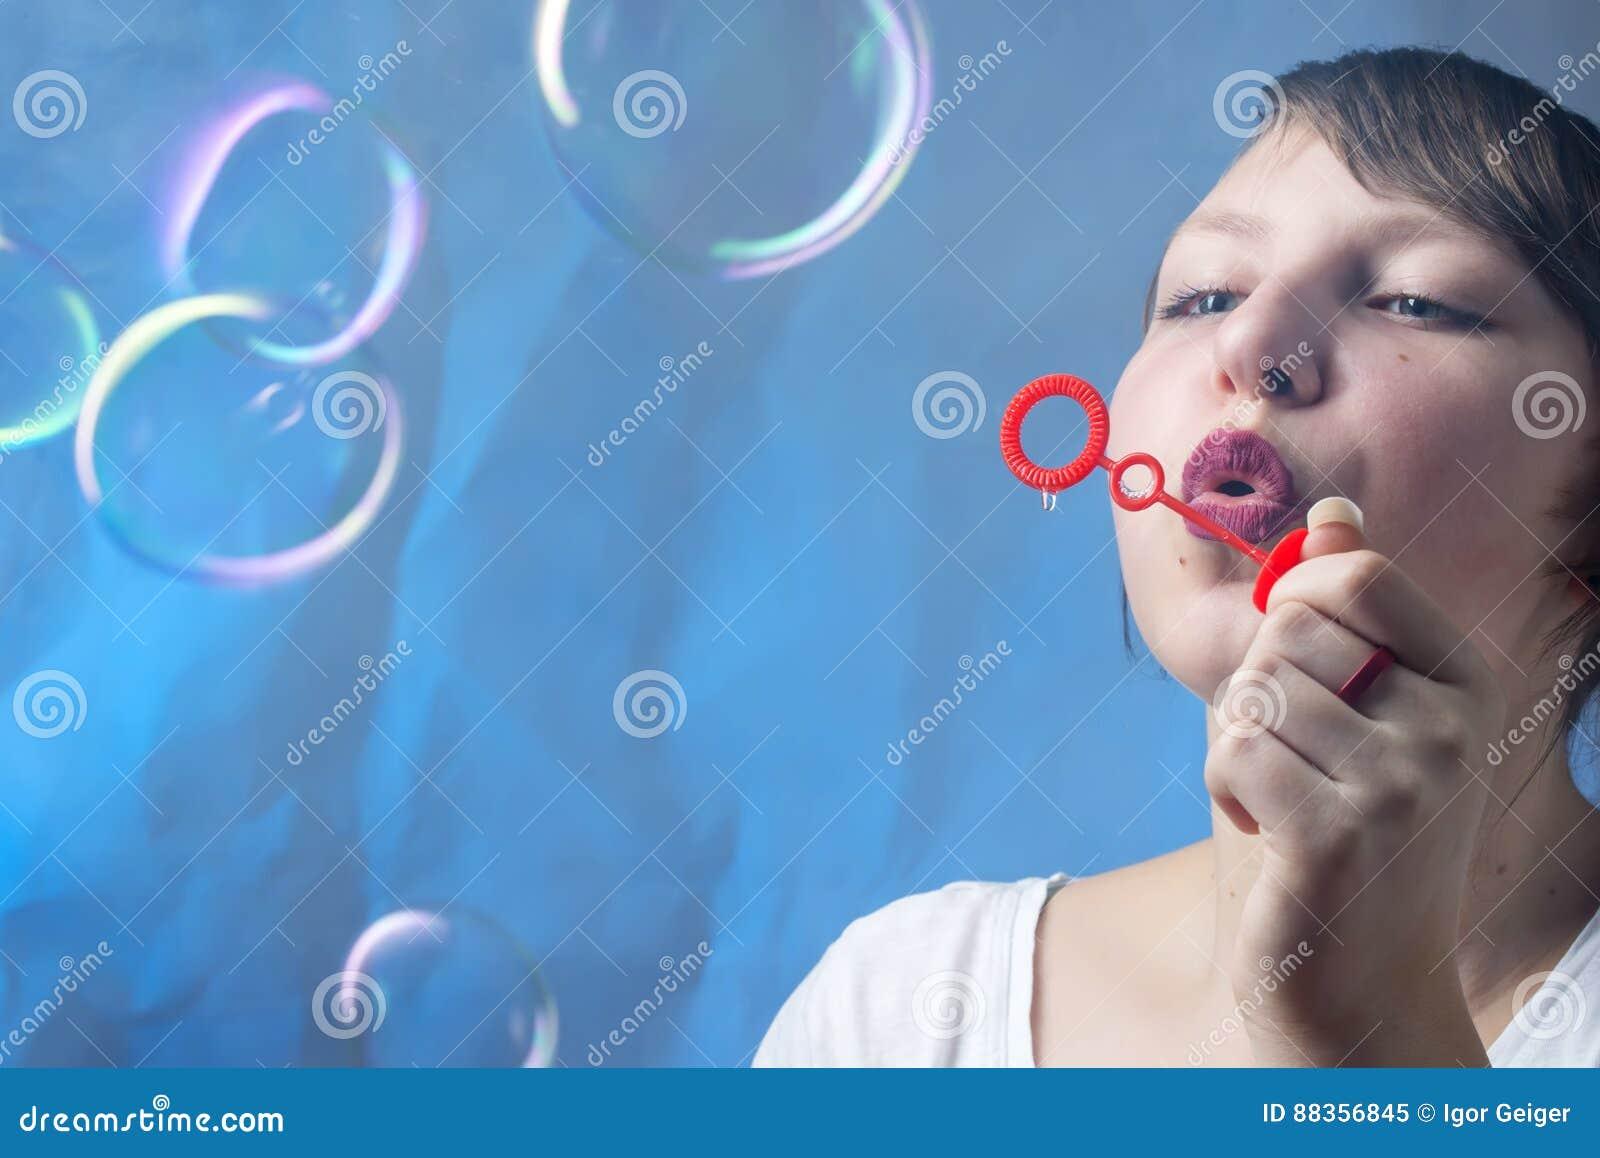 Красивая, симпатичная девушка дует пузыри мыла на красивой сини